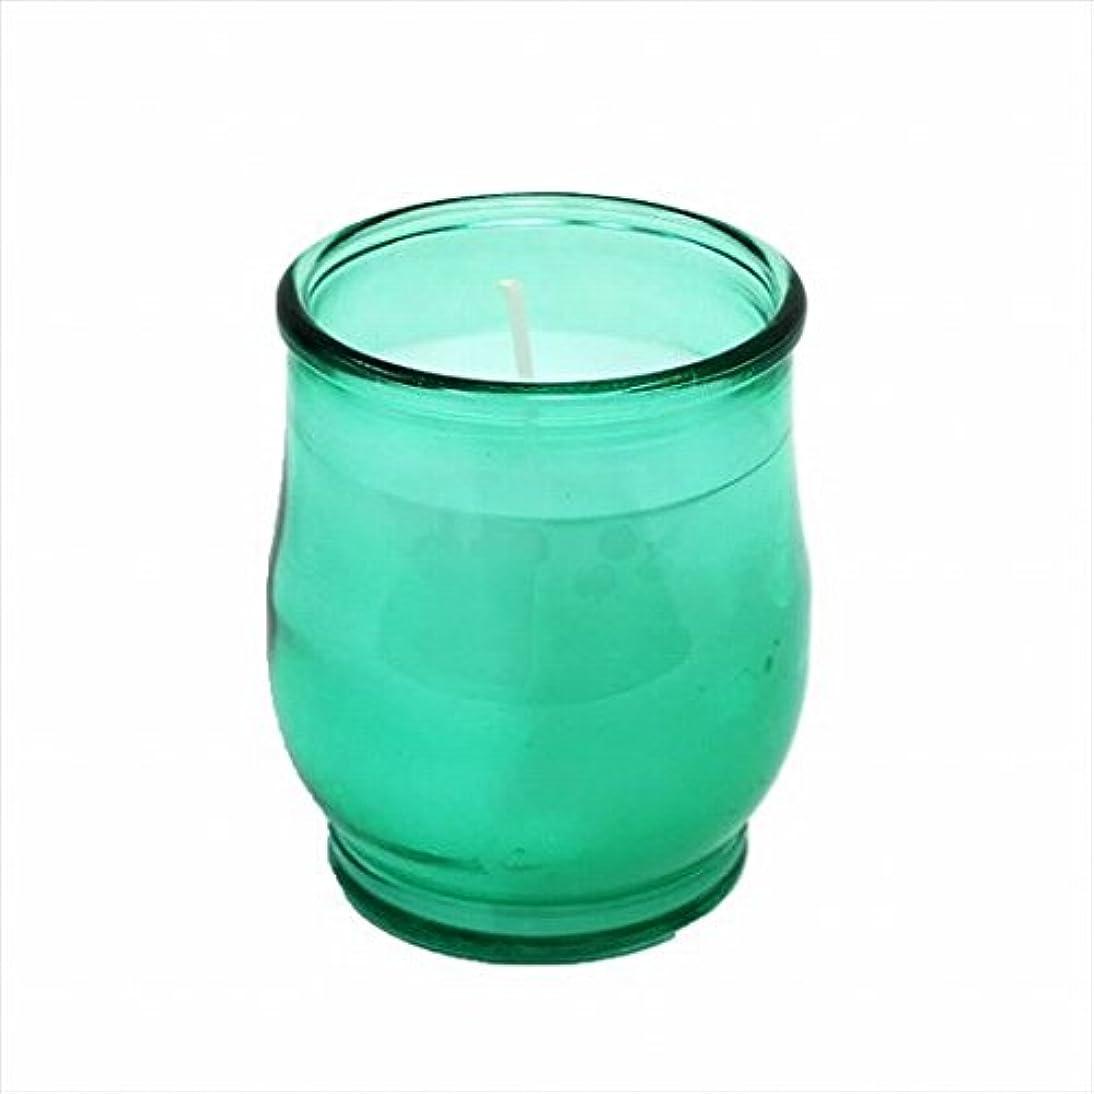 キャンパス印刷する暗殺者カメヤマキャンドル(kameyama candle) ポシェ(非常用コップローソク) 「 グリーン(ライトカラー) 」